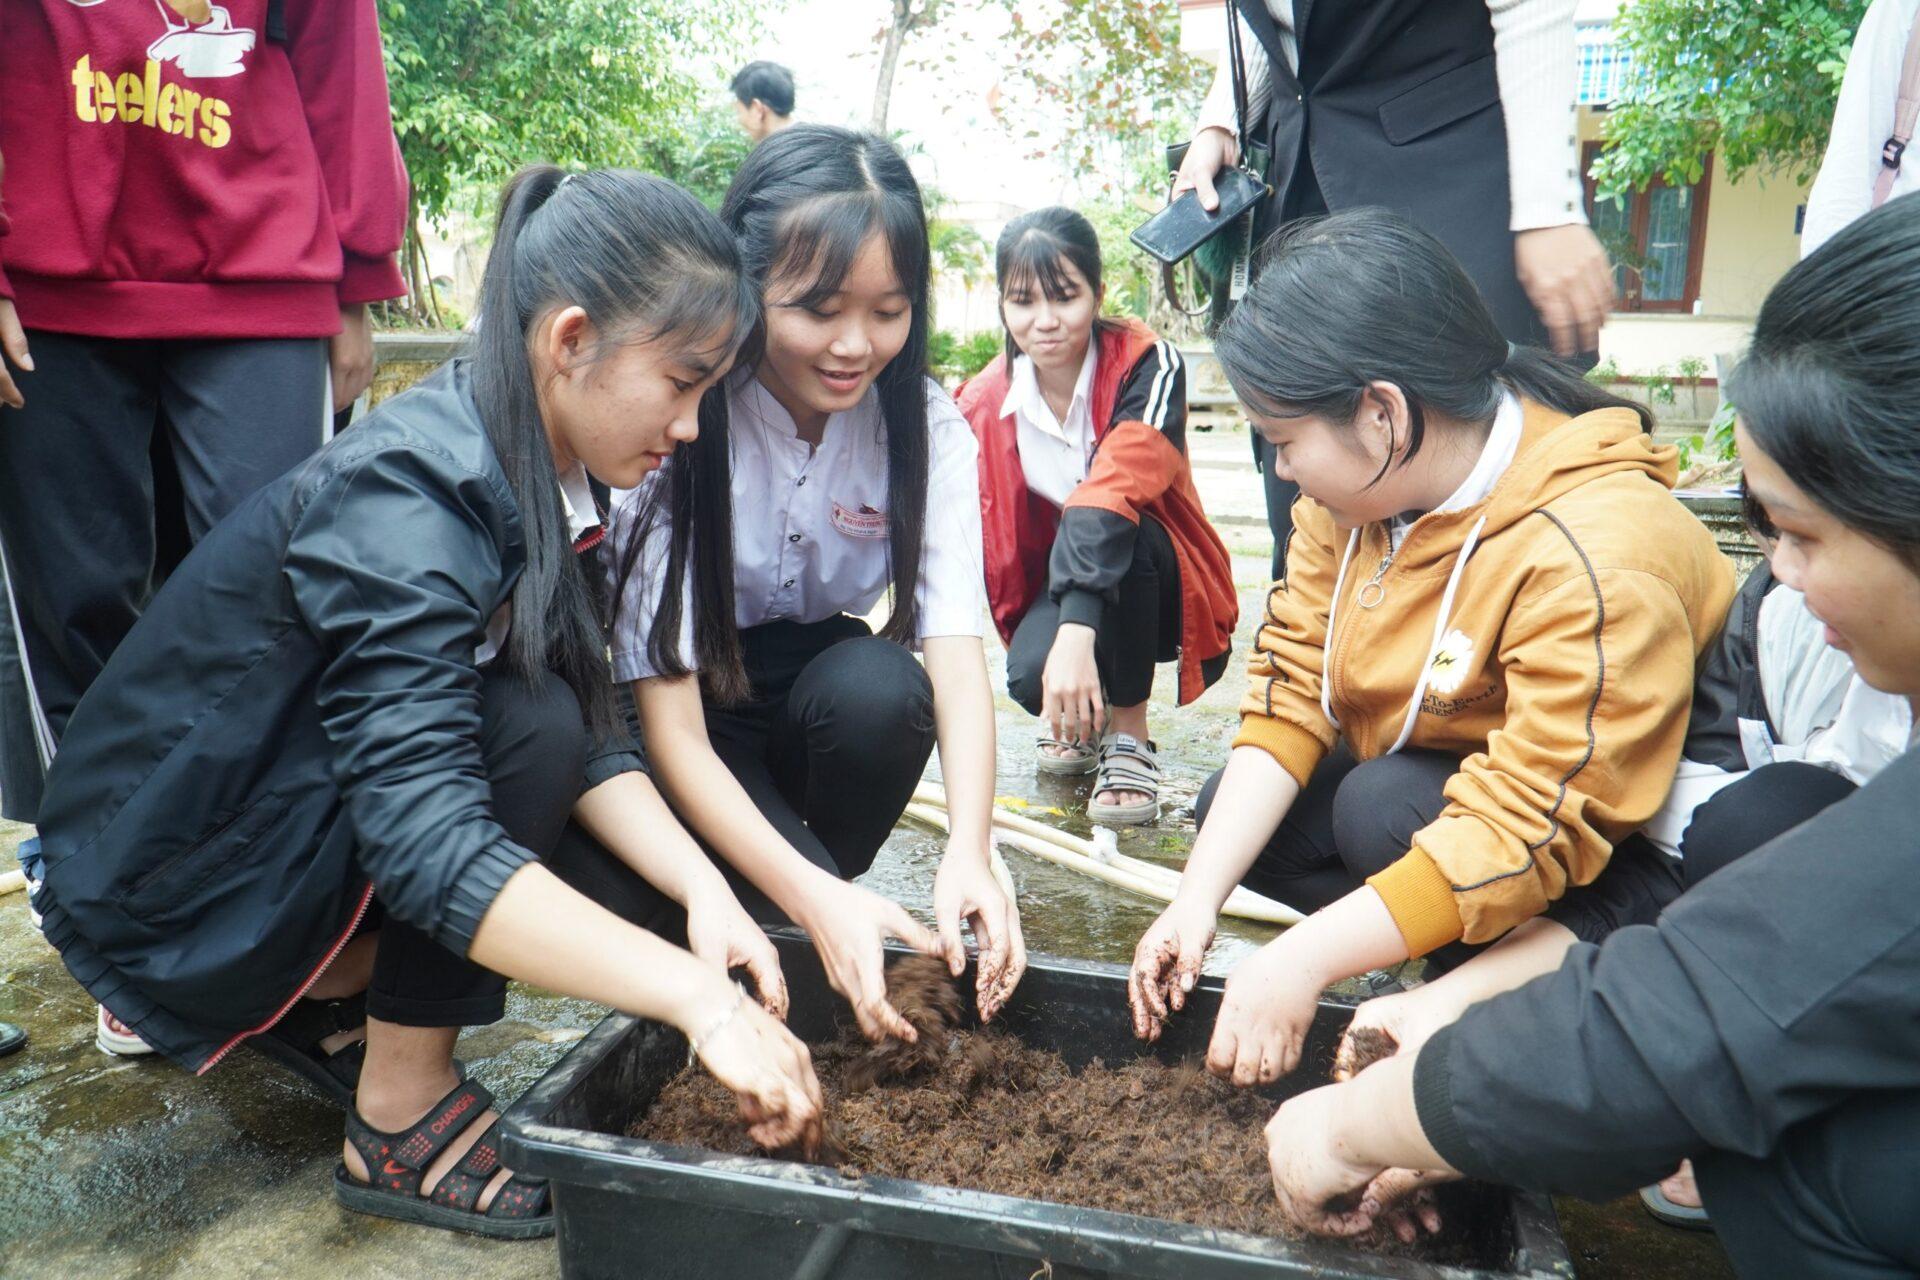 Trường Đại học Quang Trung tổ chức chương trình hướng nghiệp cho lớp 12 - Trường THPT Nguyễn Trung Trực